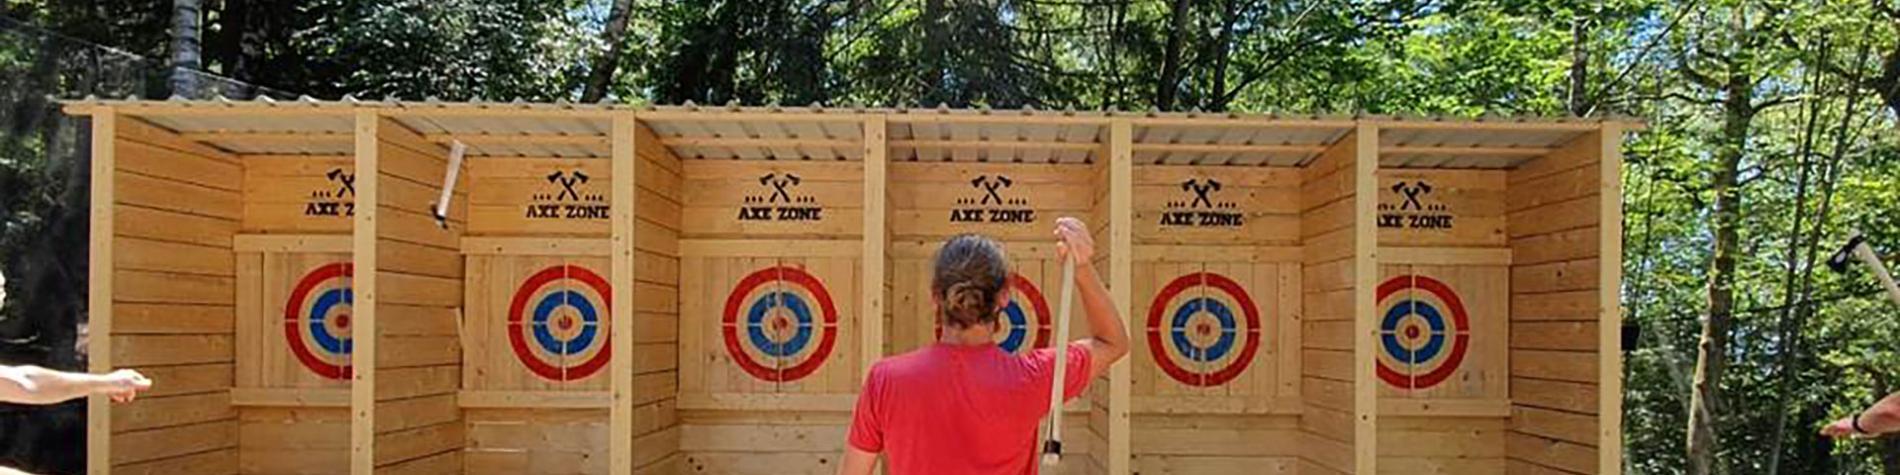 Lancer de hache - Paintball Sniper Zone - Paintball Outdoor - Malmedy - forêt des Fagnes - terrain de 10000 m²